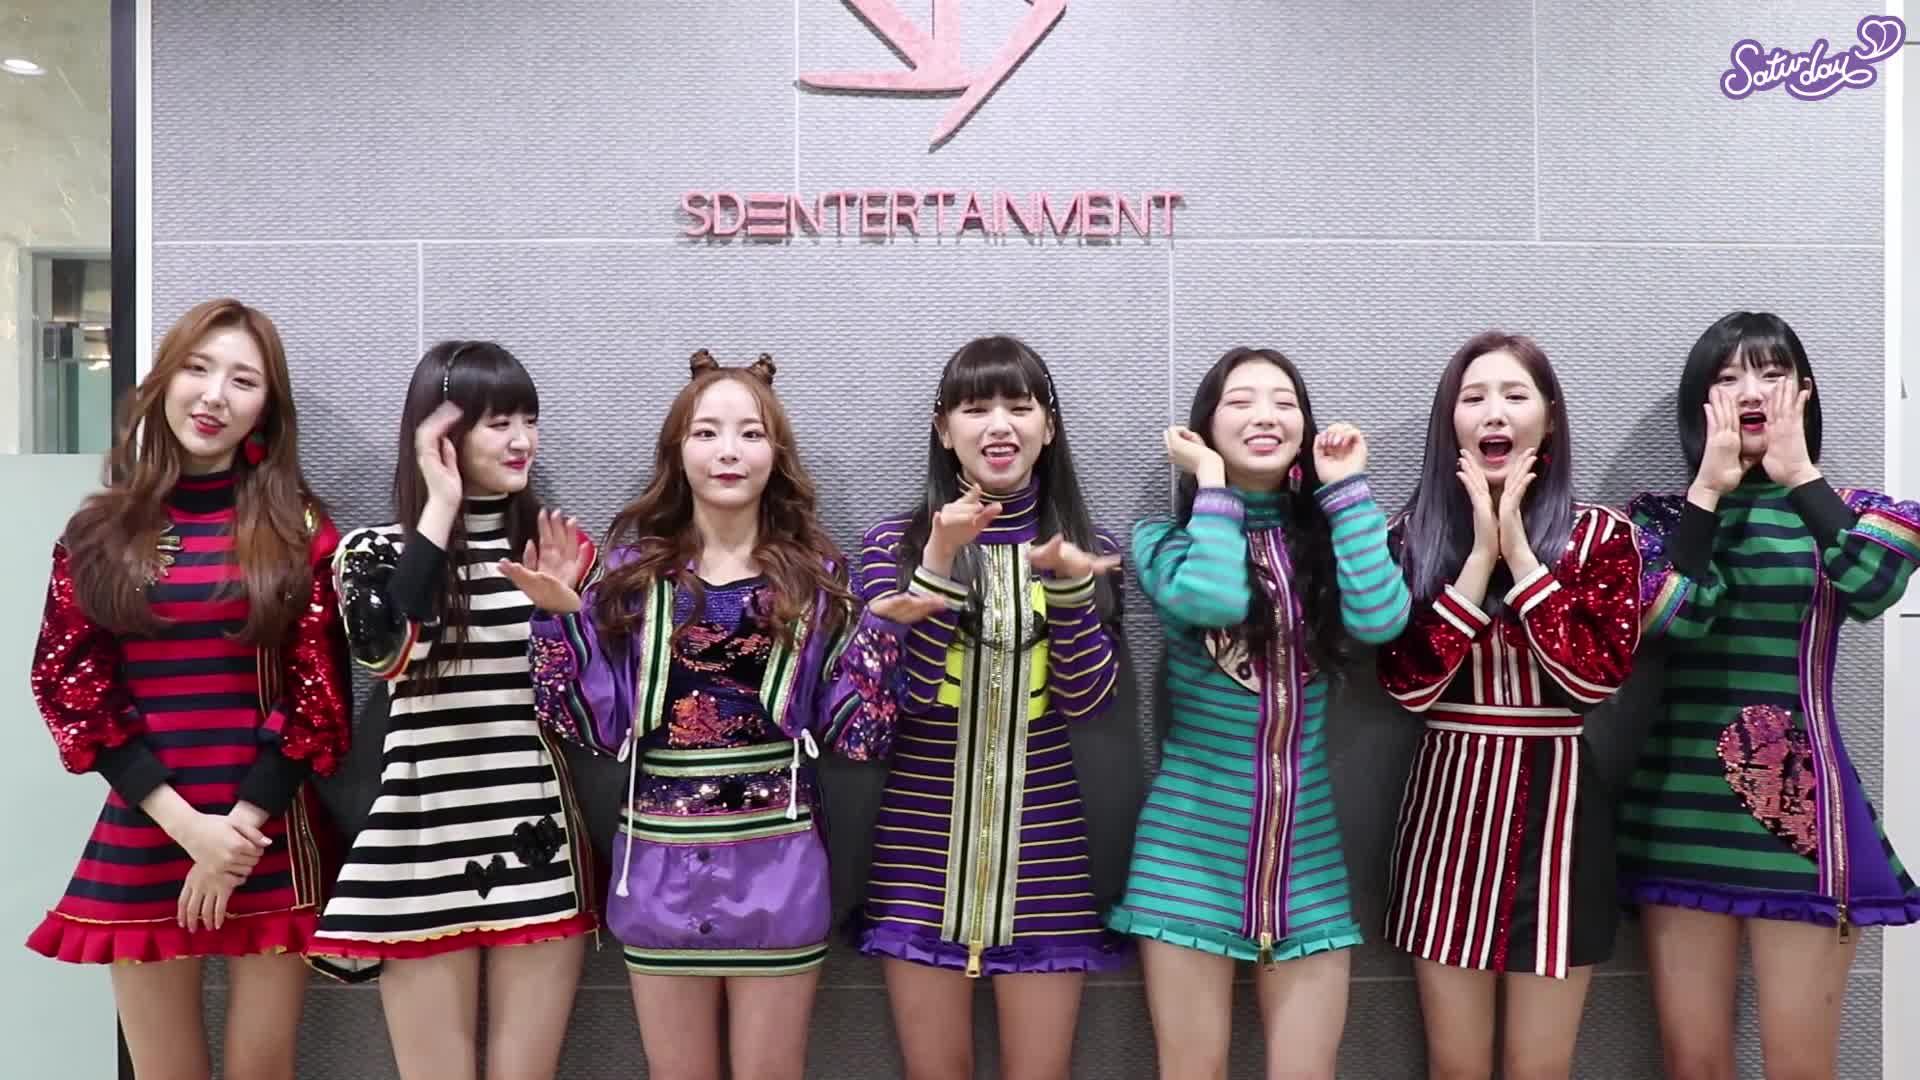 ♥세러데이(SATURDAY)의 첫 브이앱♥